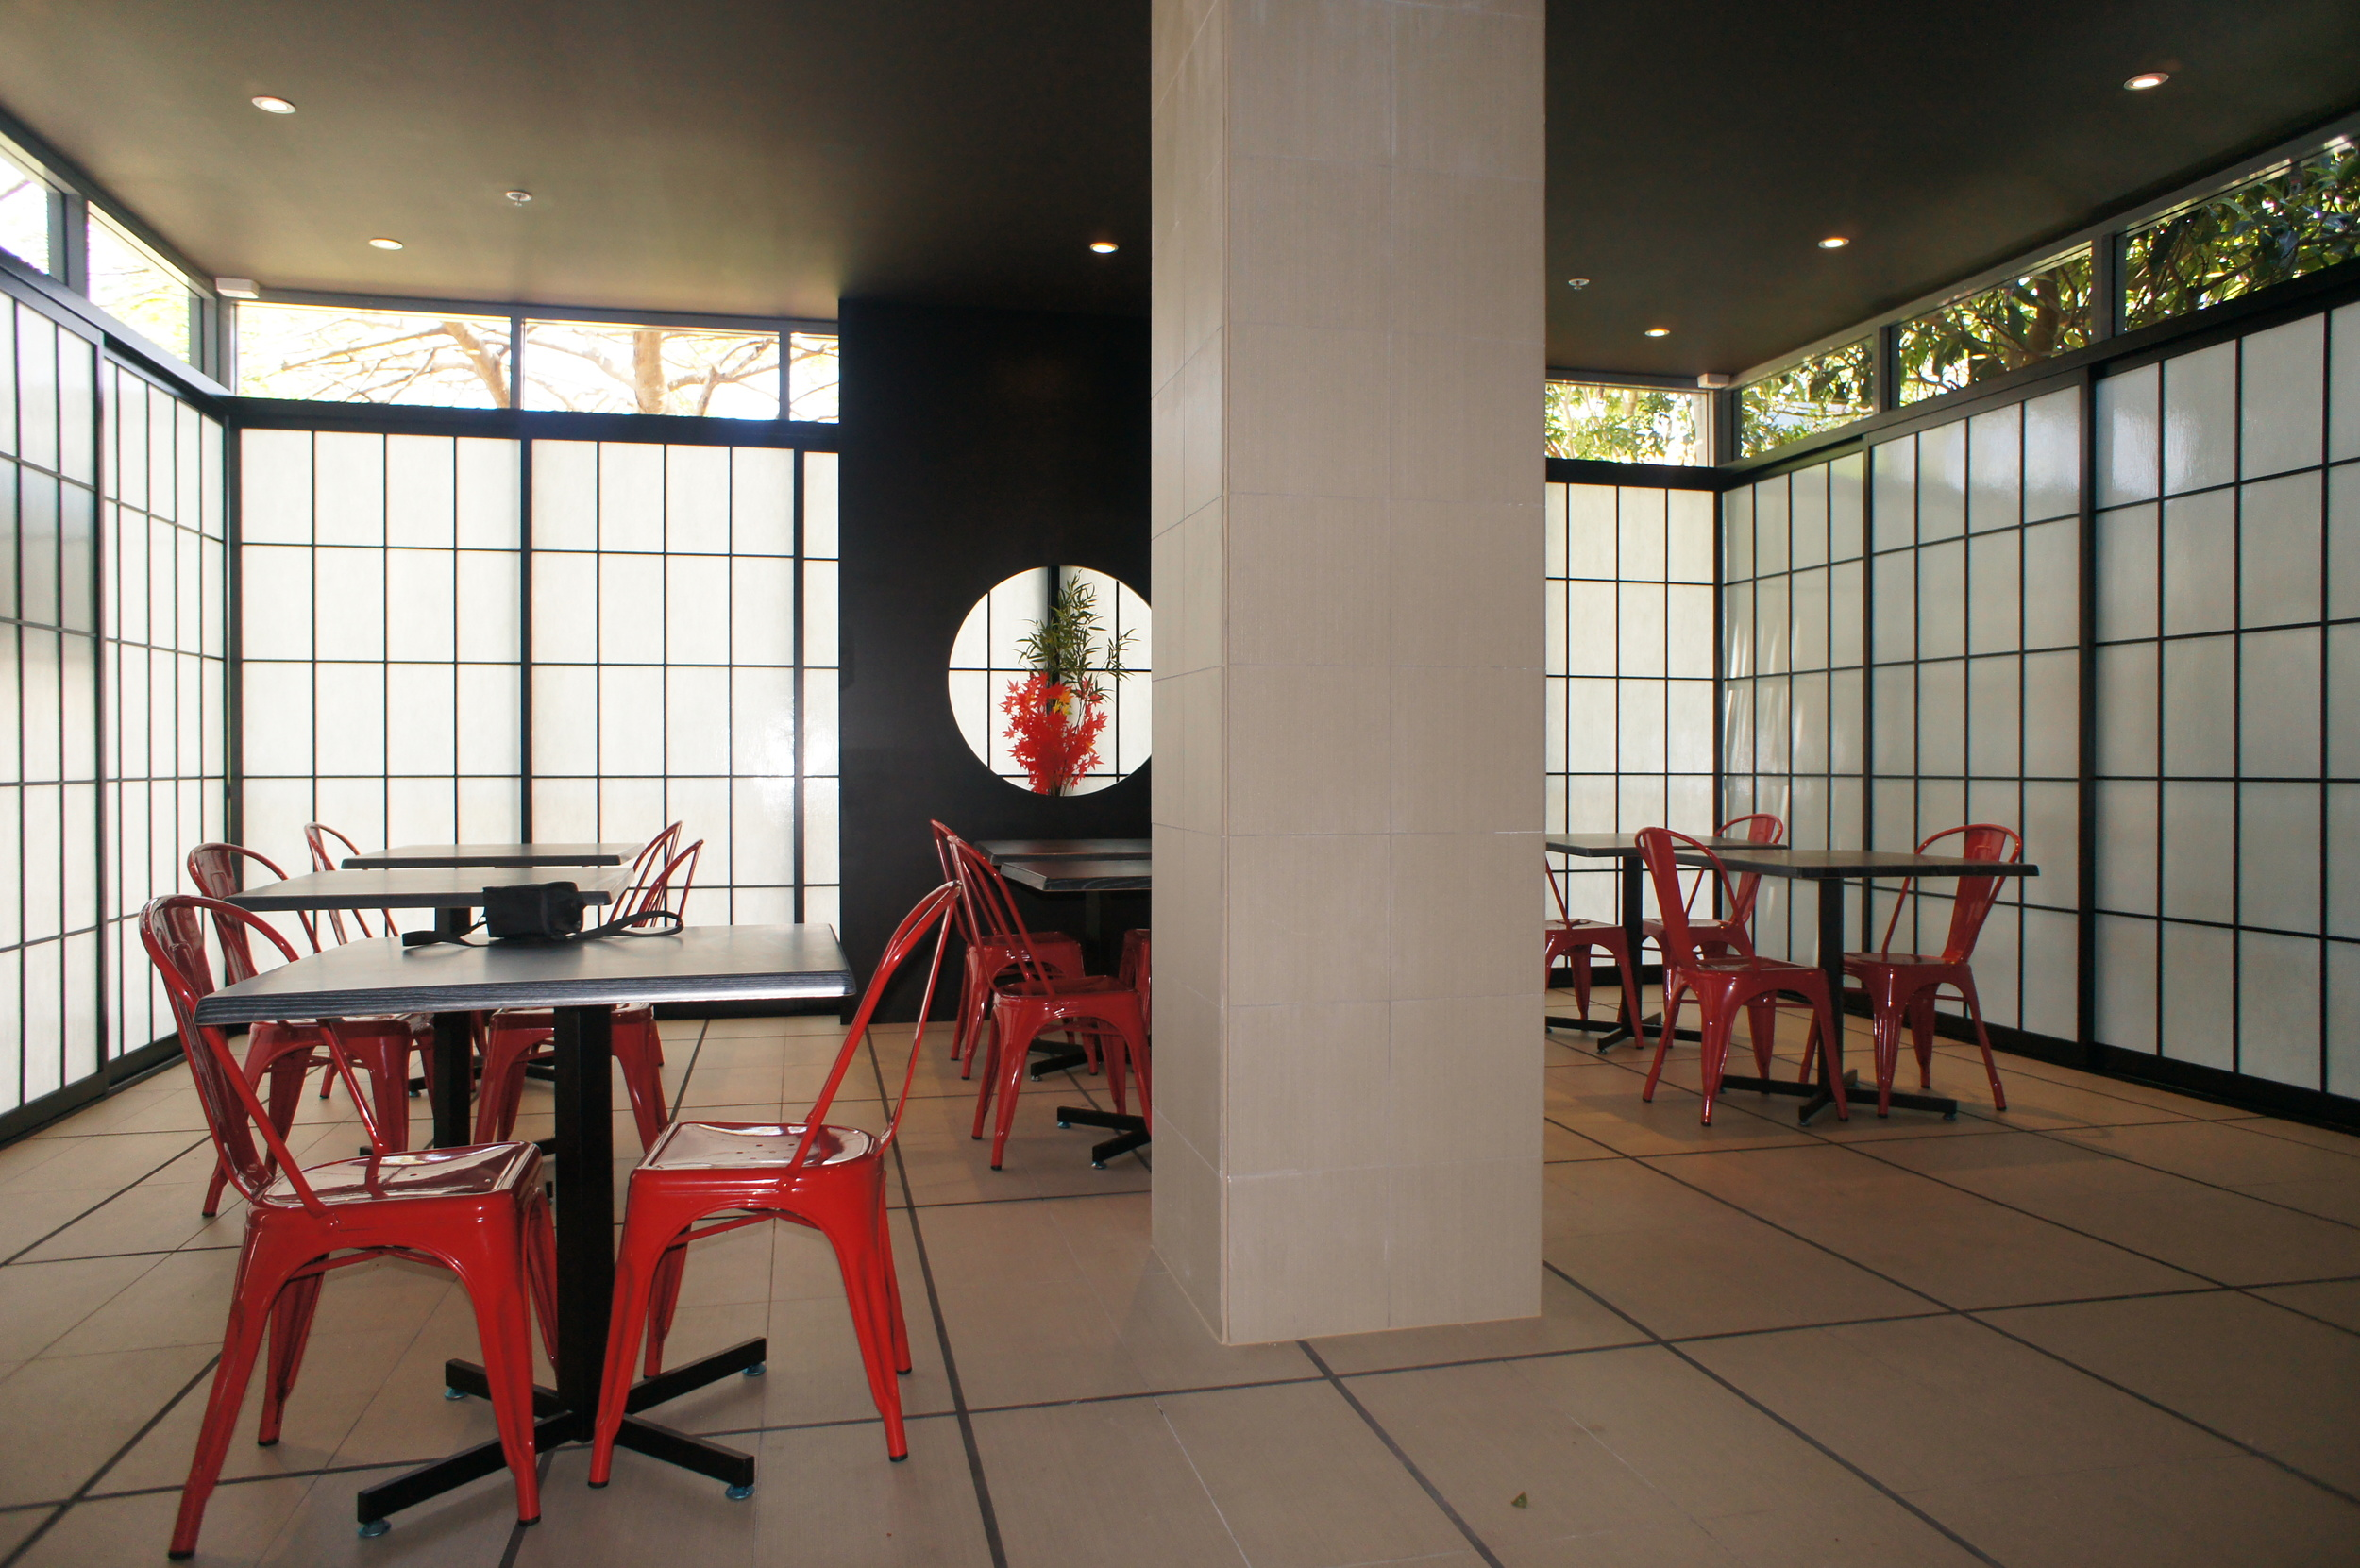 Classic - Interior.JPG